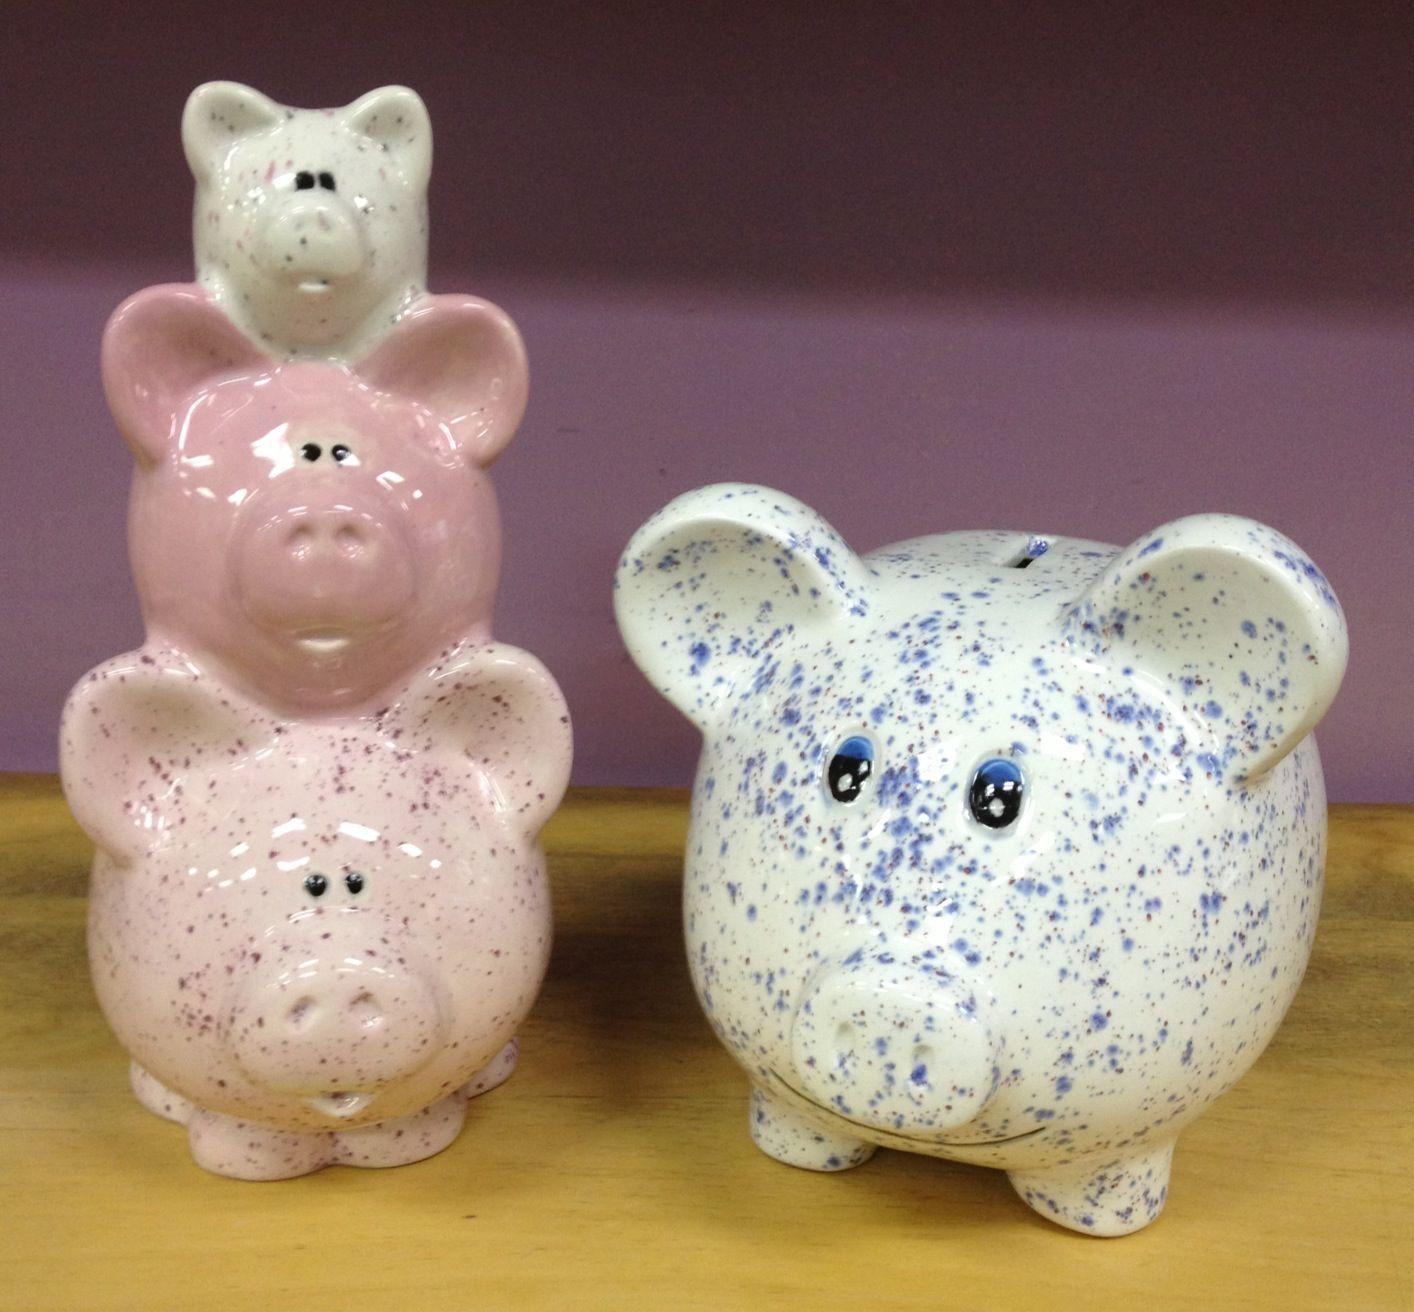 Piggies paint your own pottery ideas pinterest for Paint your own pottery ideas